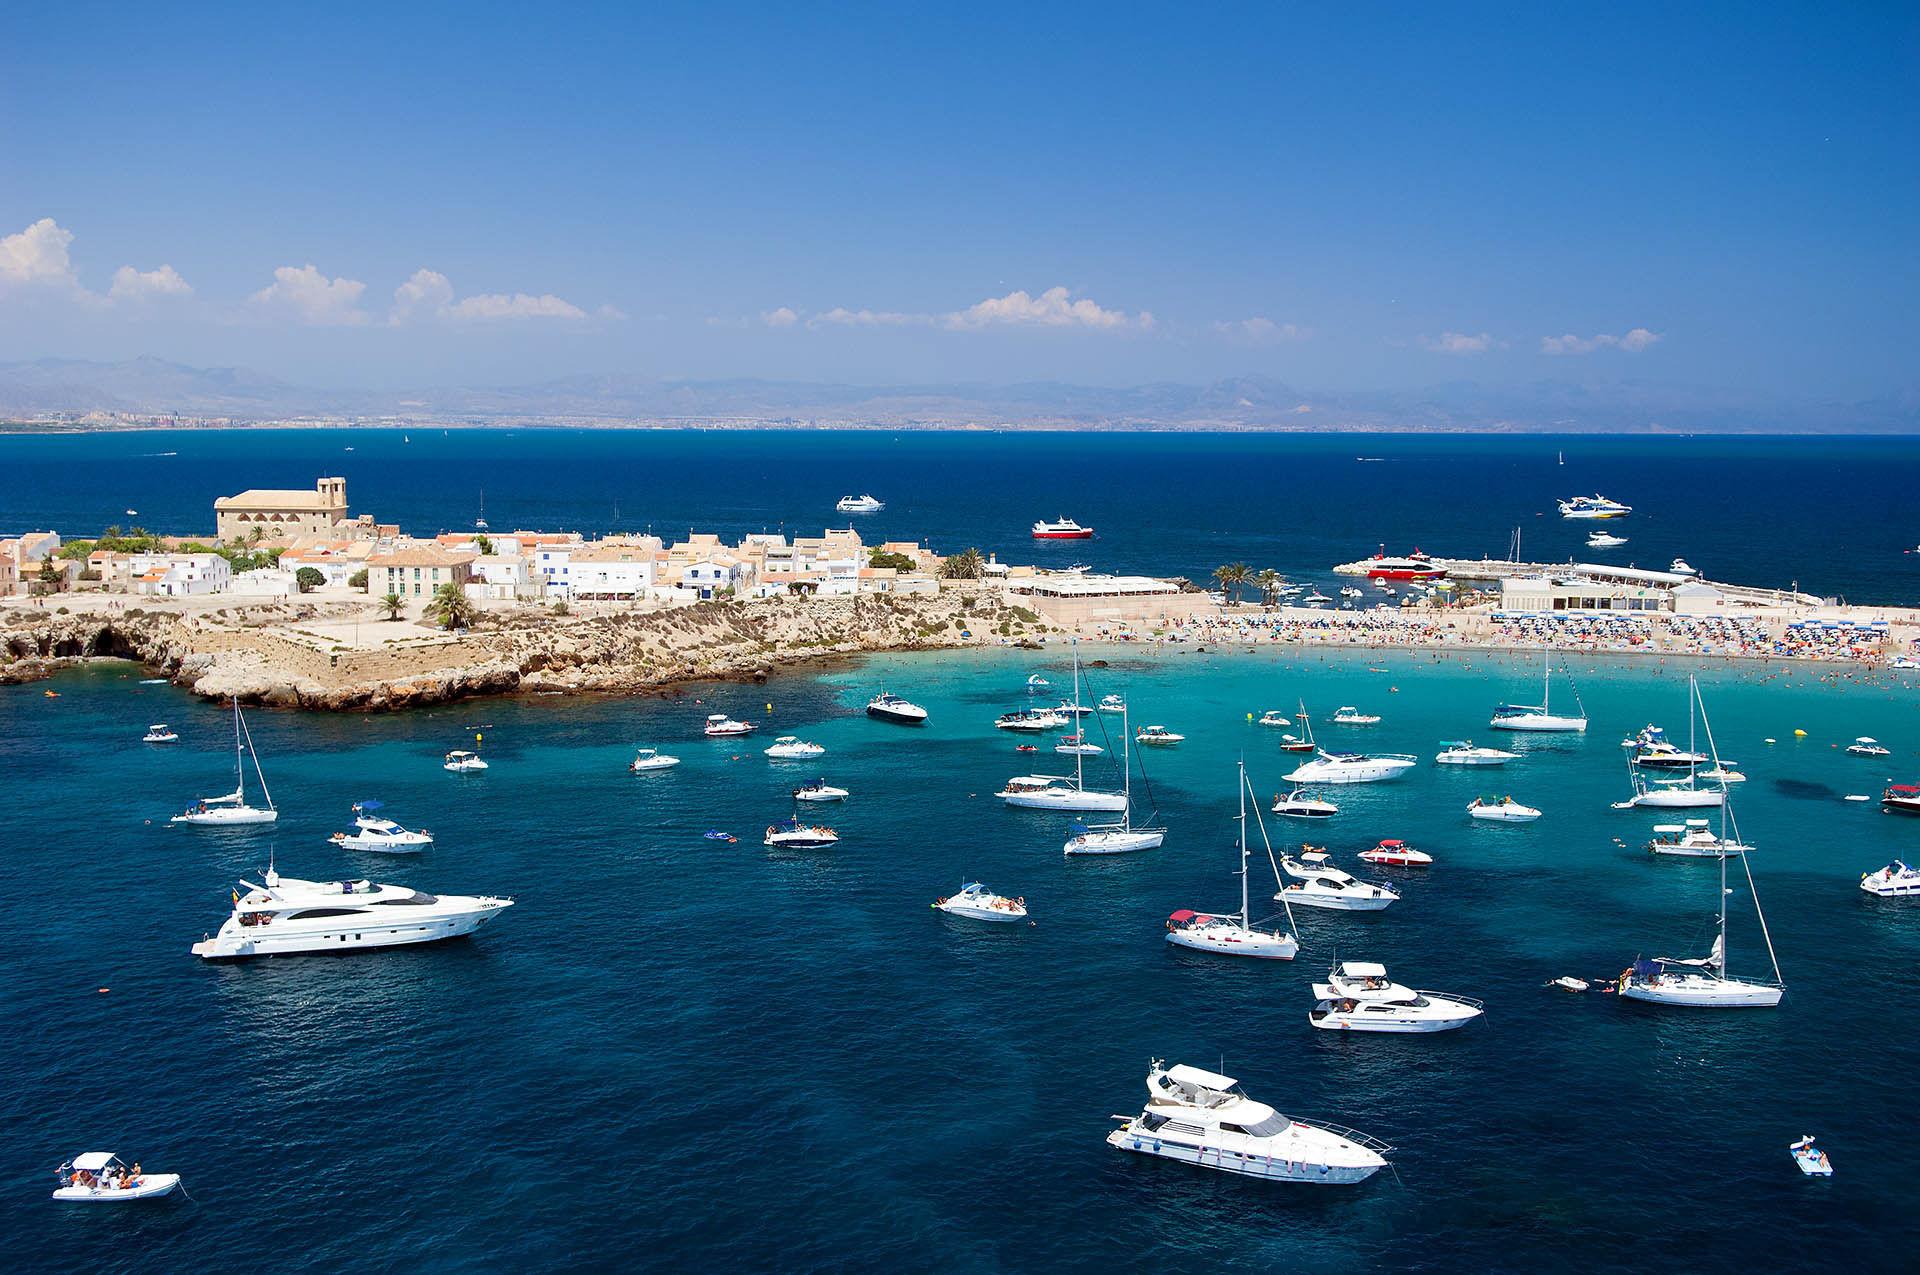 ¿Cual de estas islas mediterraneas está habitada?